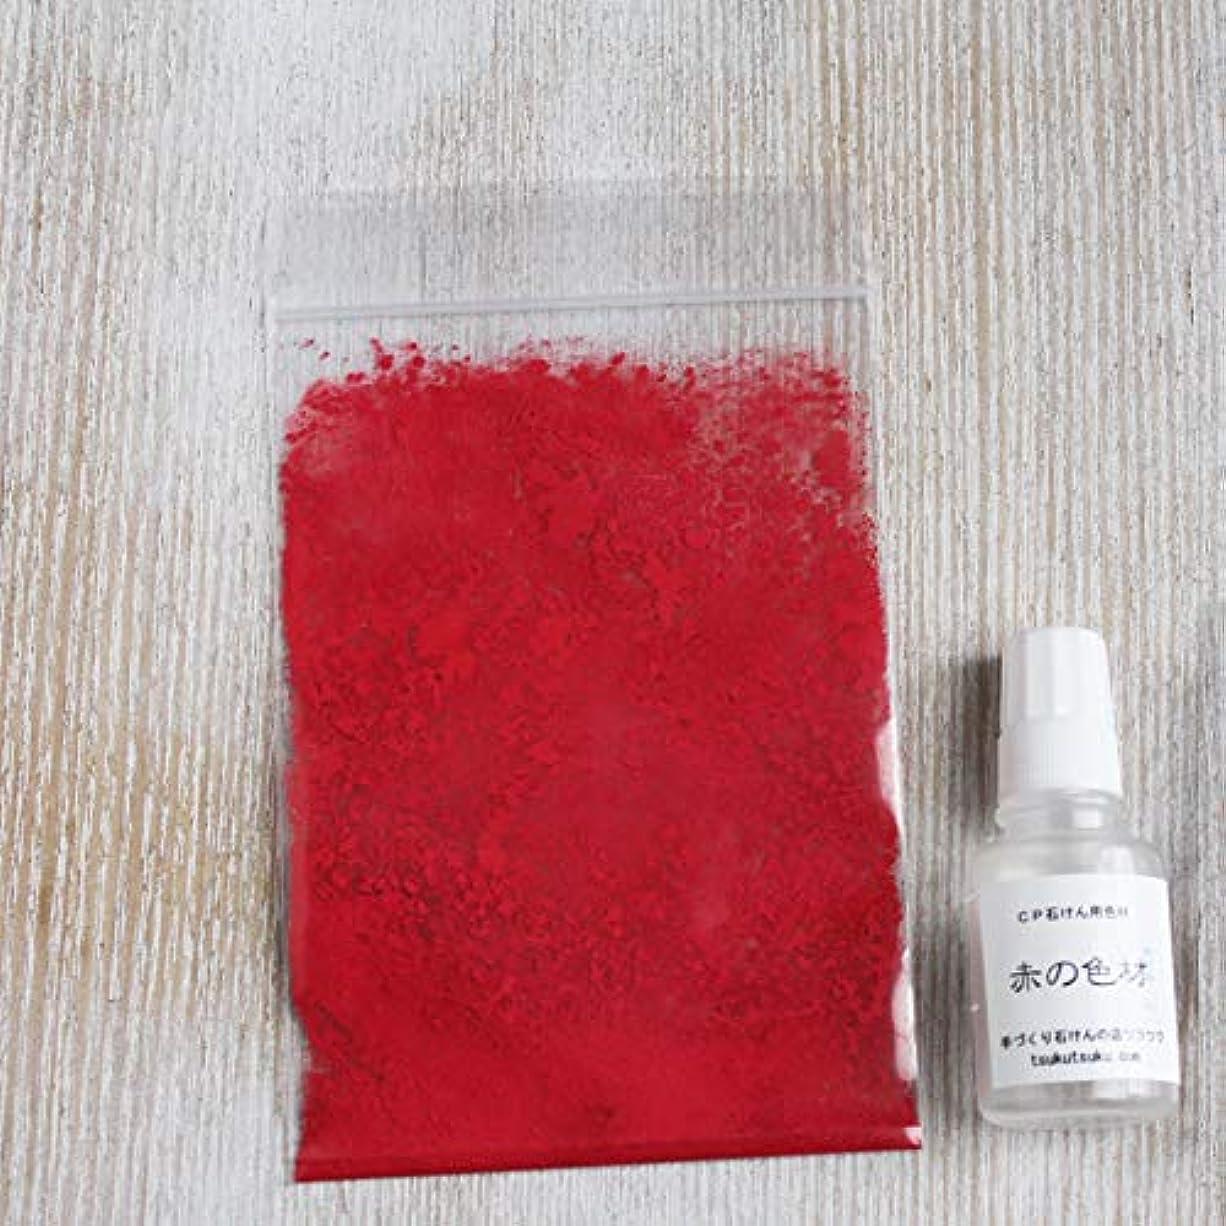 風刺債務写真を撮るCP石けん用色材 赤の色材キット/手作り石けん?手作り化粧品材料